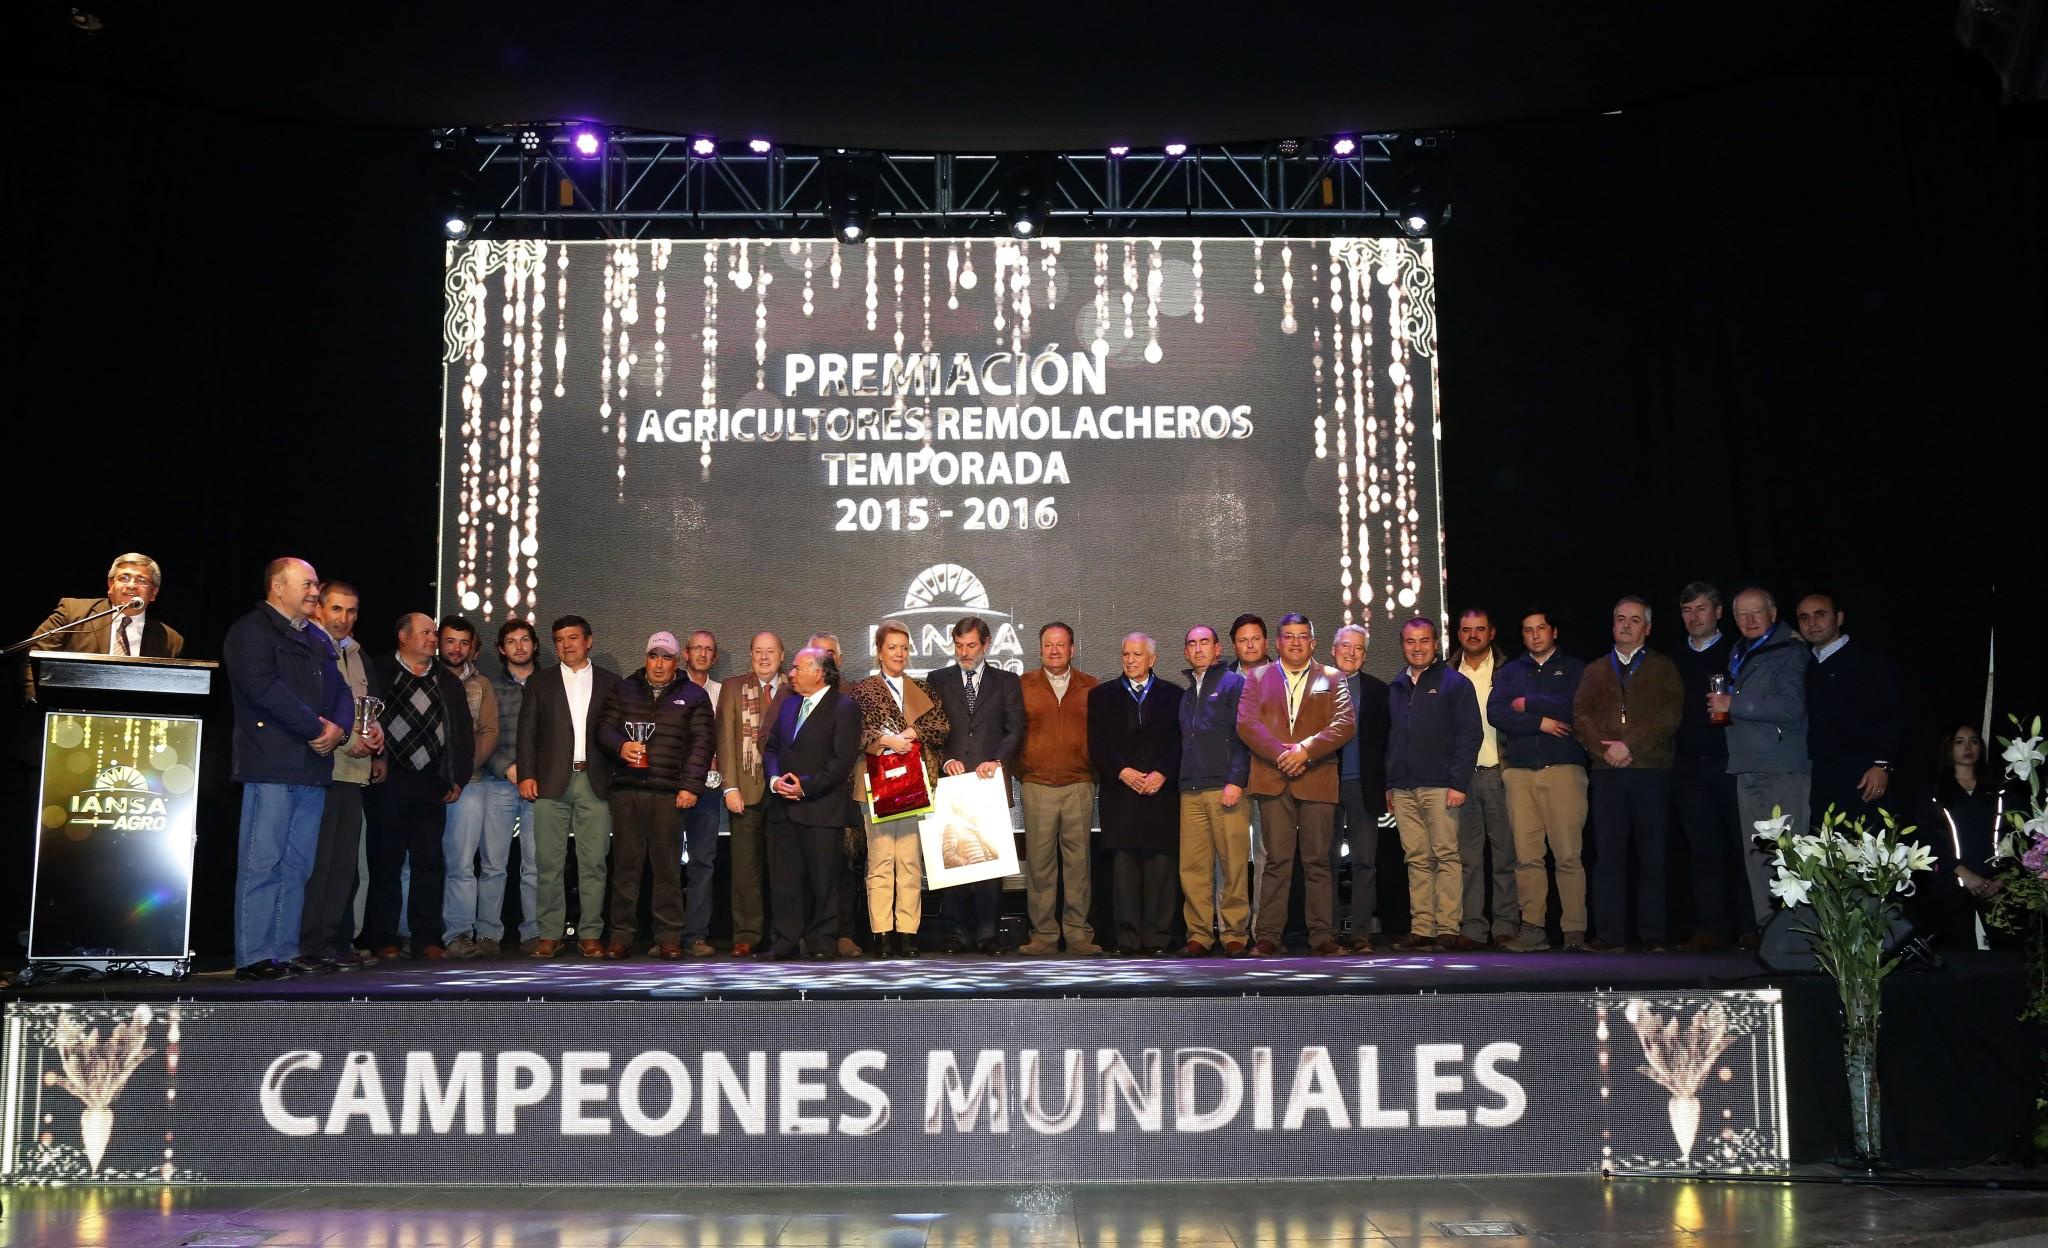 Los mejores remolacheros de la temporada 2015-2016